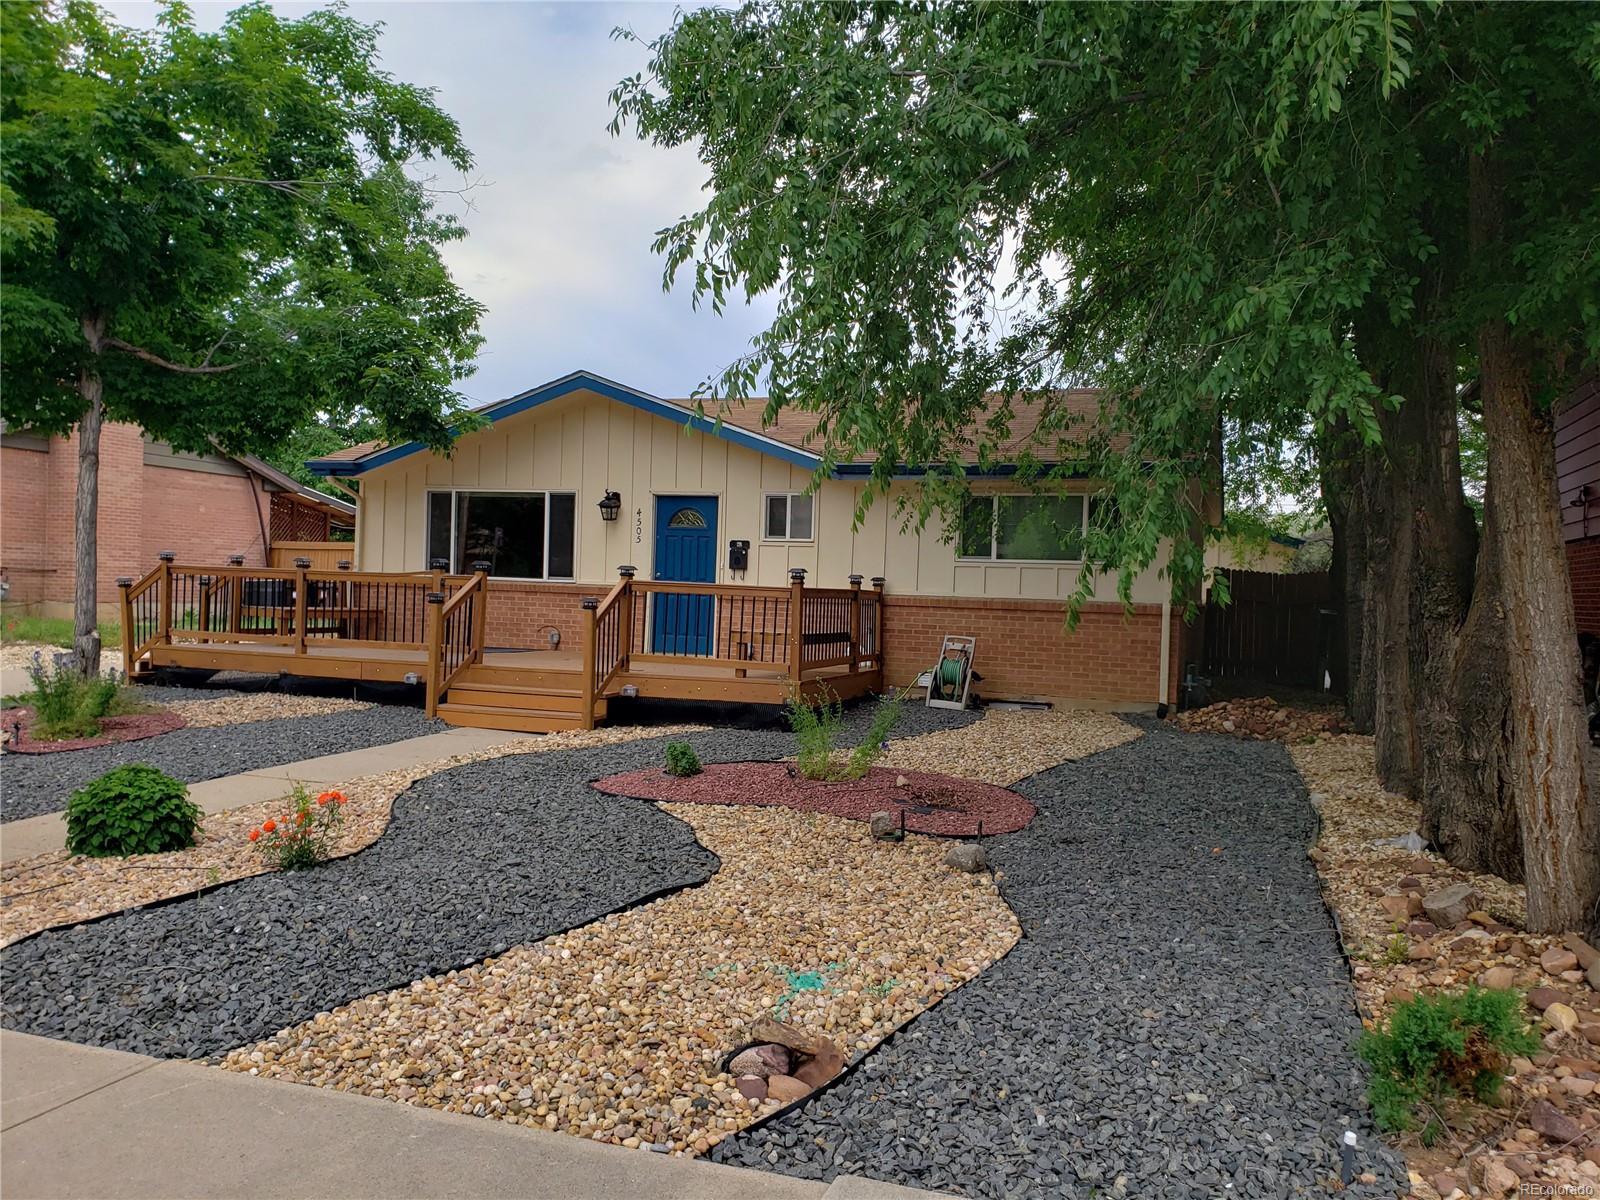 4505 Moorhead Avenue, Boulder, CO 45305 - Boulder, CO real estate listing